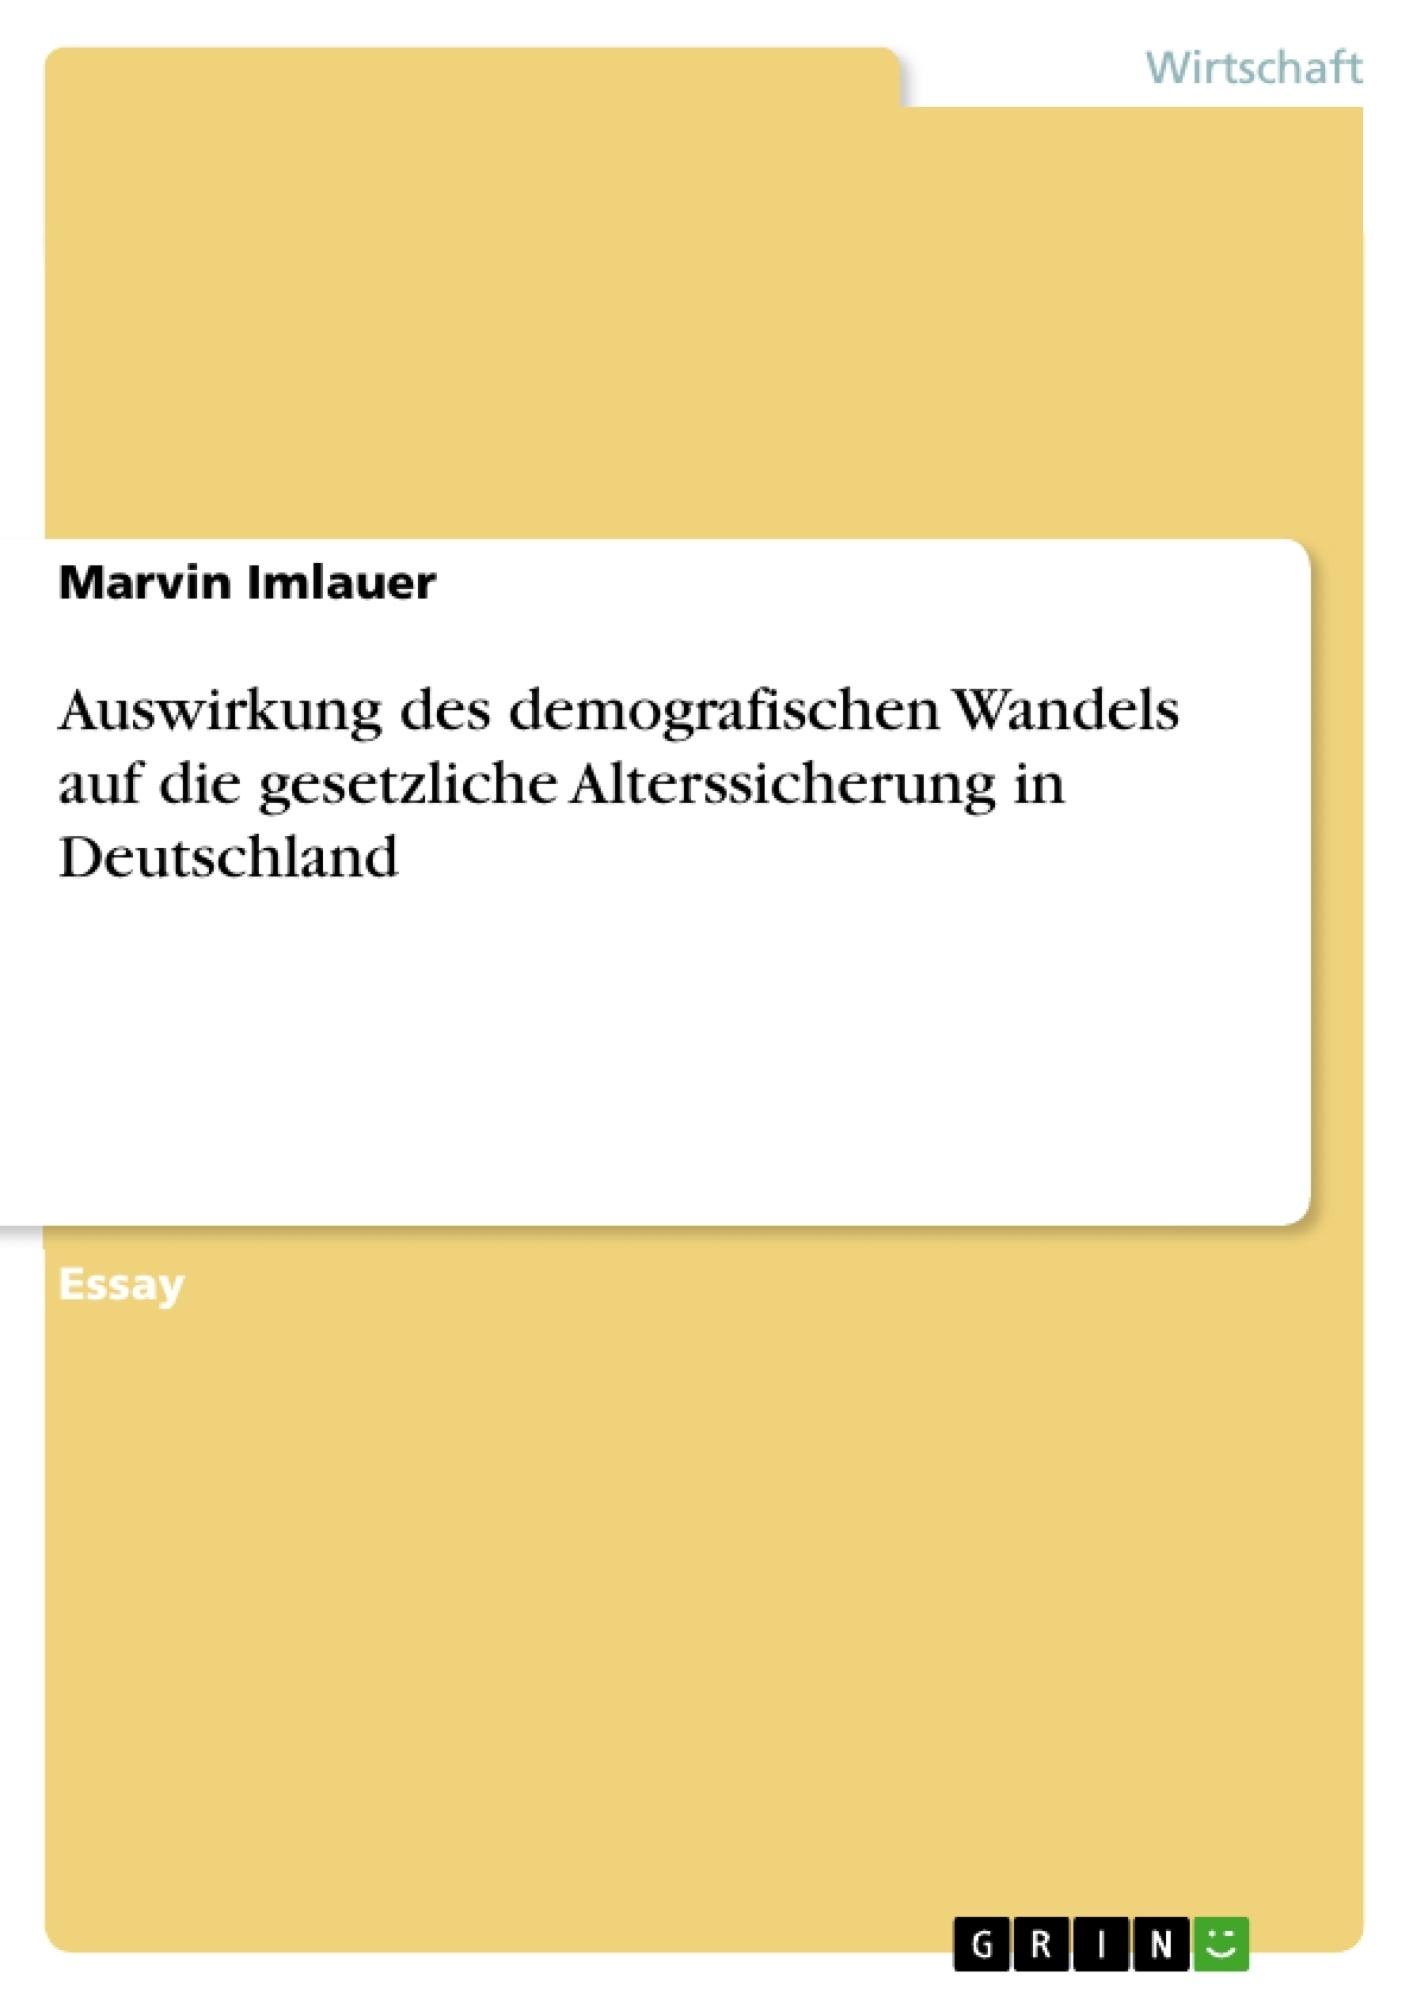 Titel: Auswirkung des demografischen Wandels auf die gesetzliche Alterssicherung in Deutschland